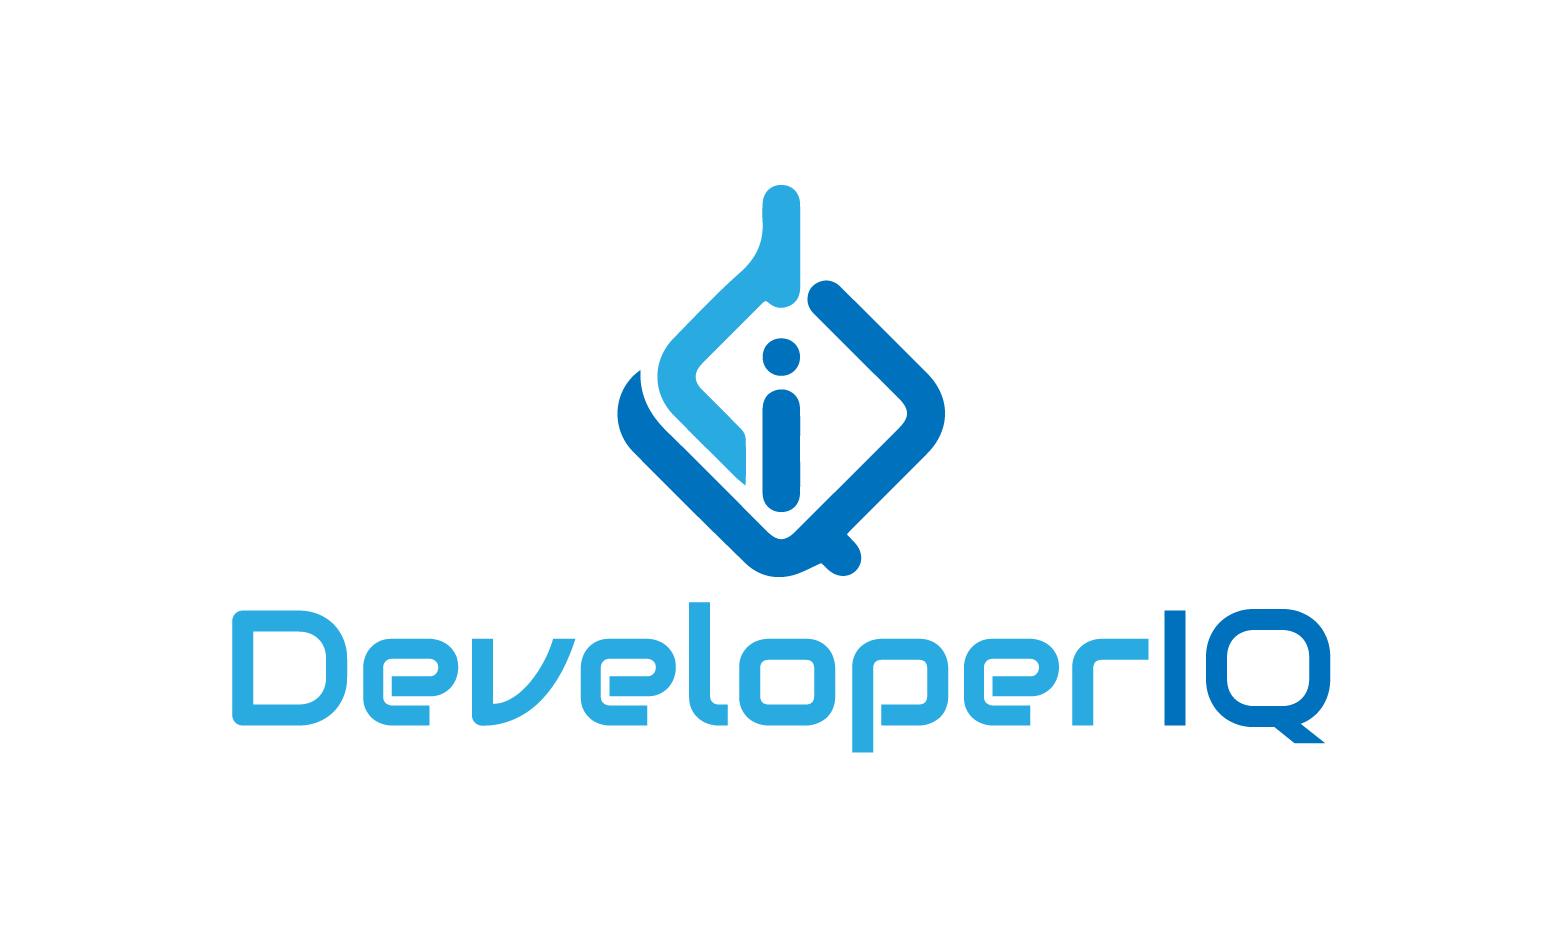 DeveloperIQ.com